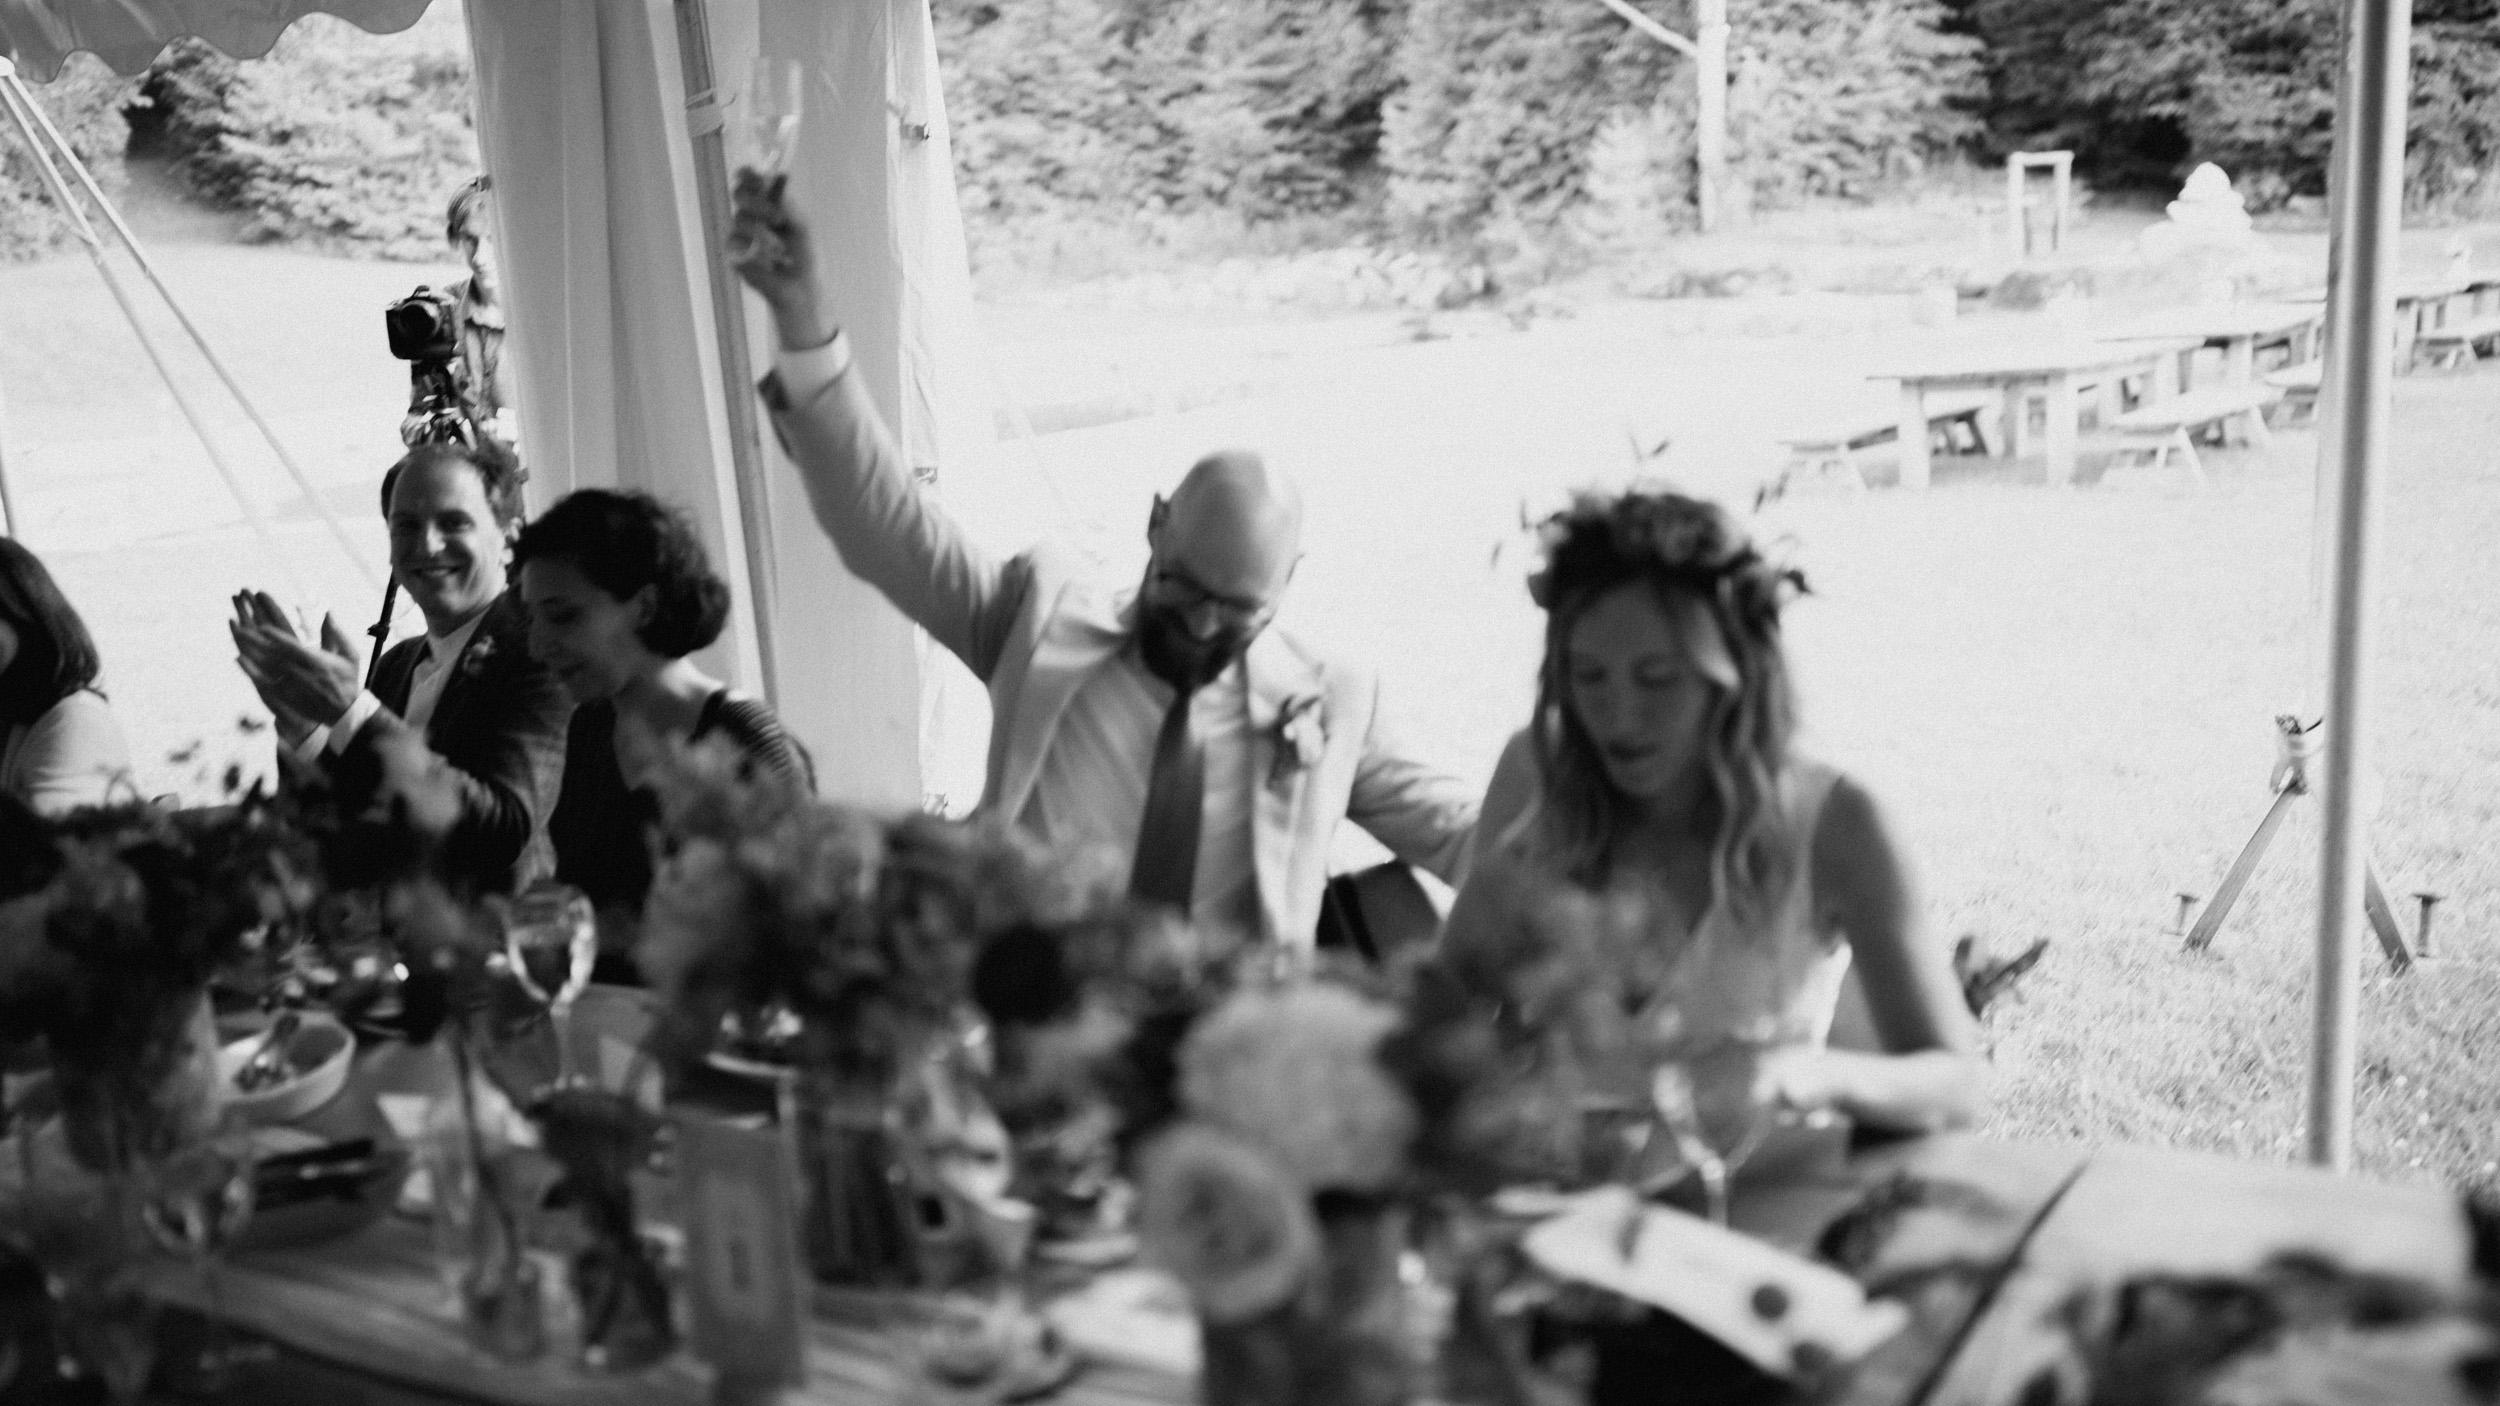 alec_vanderboom_vermont_wedding_photography-0112.jpg